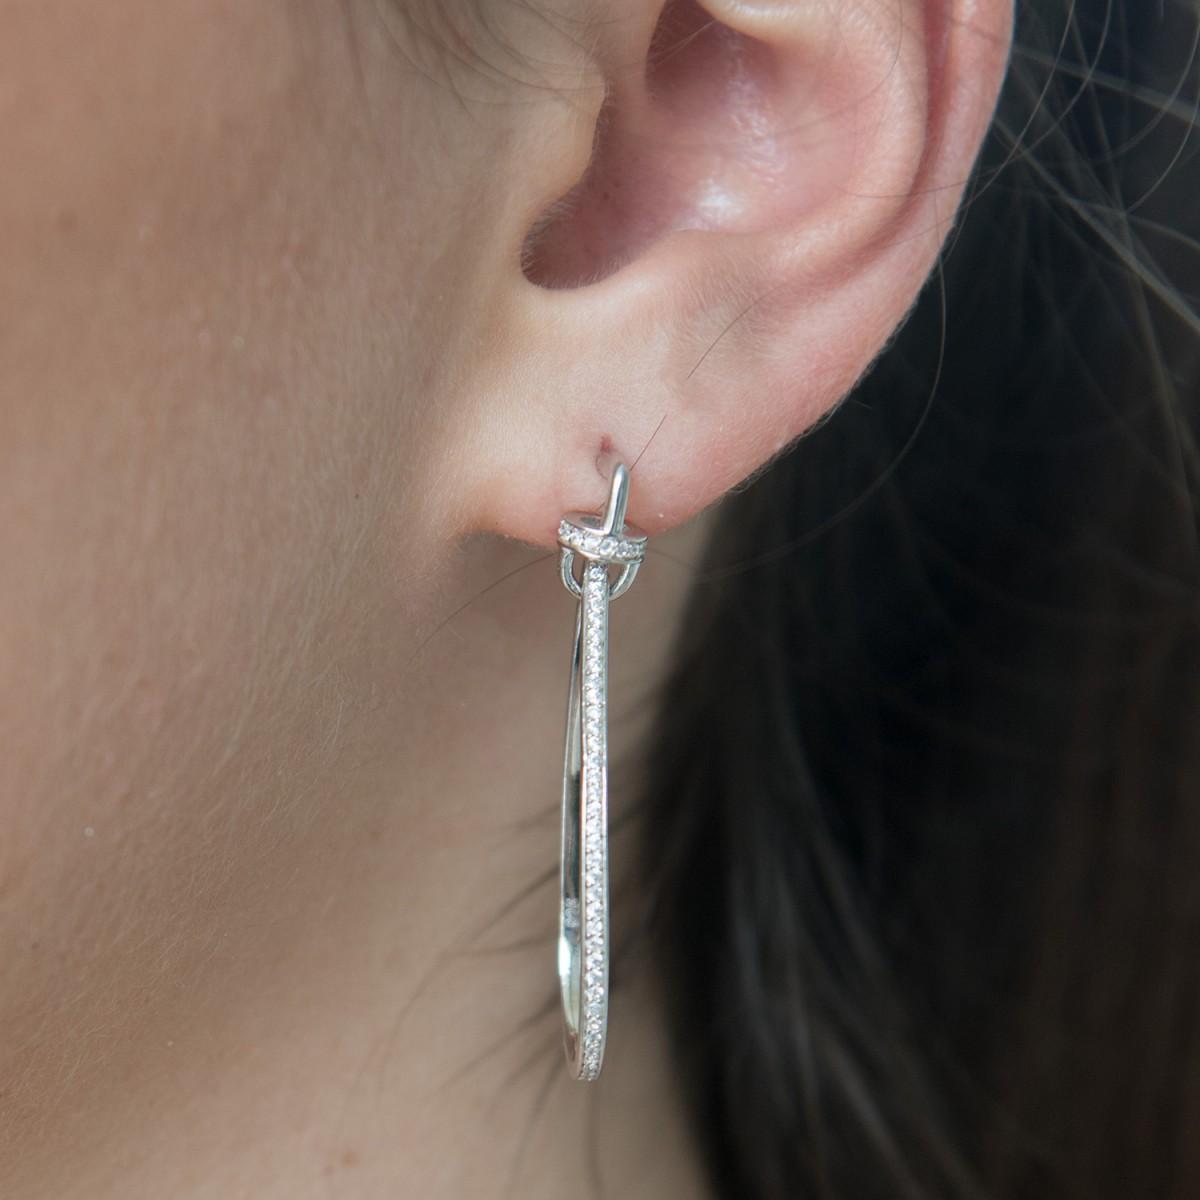 Jewellery Domain | Tear Drop Chandelier Sterling Silver Formal Studs